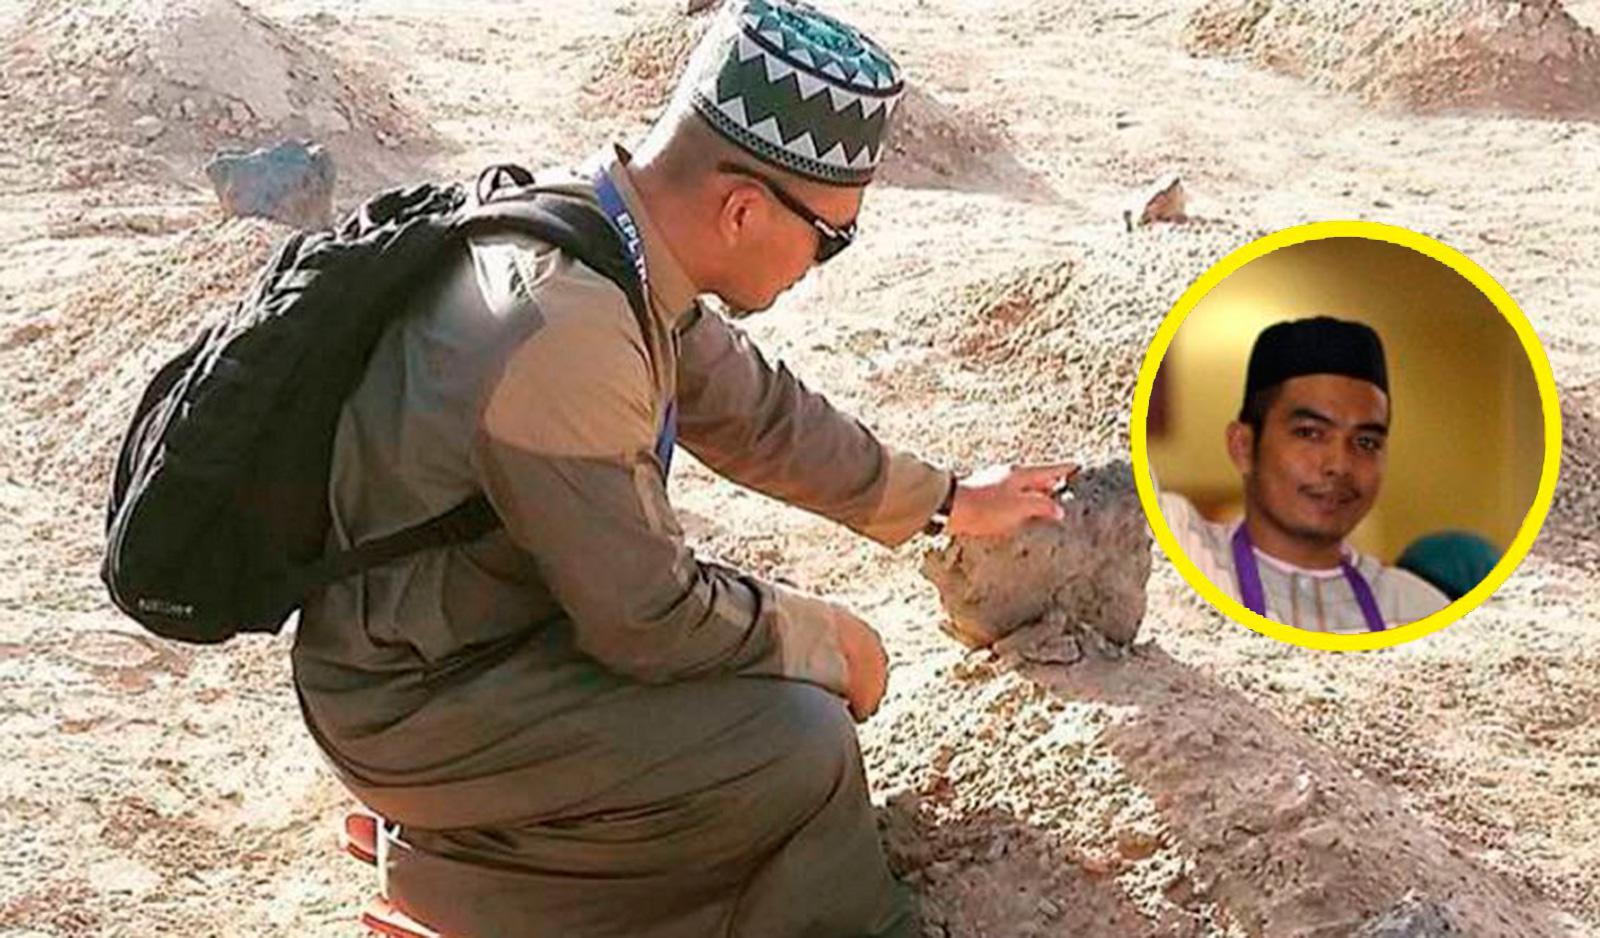 Малазийцу посчастливилось быть похороненным на самом лучшем в мире кладбище – кладбище Бакия.